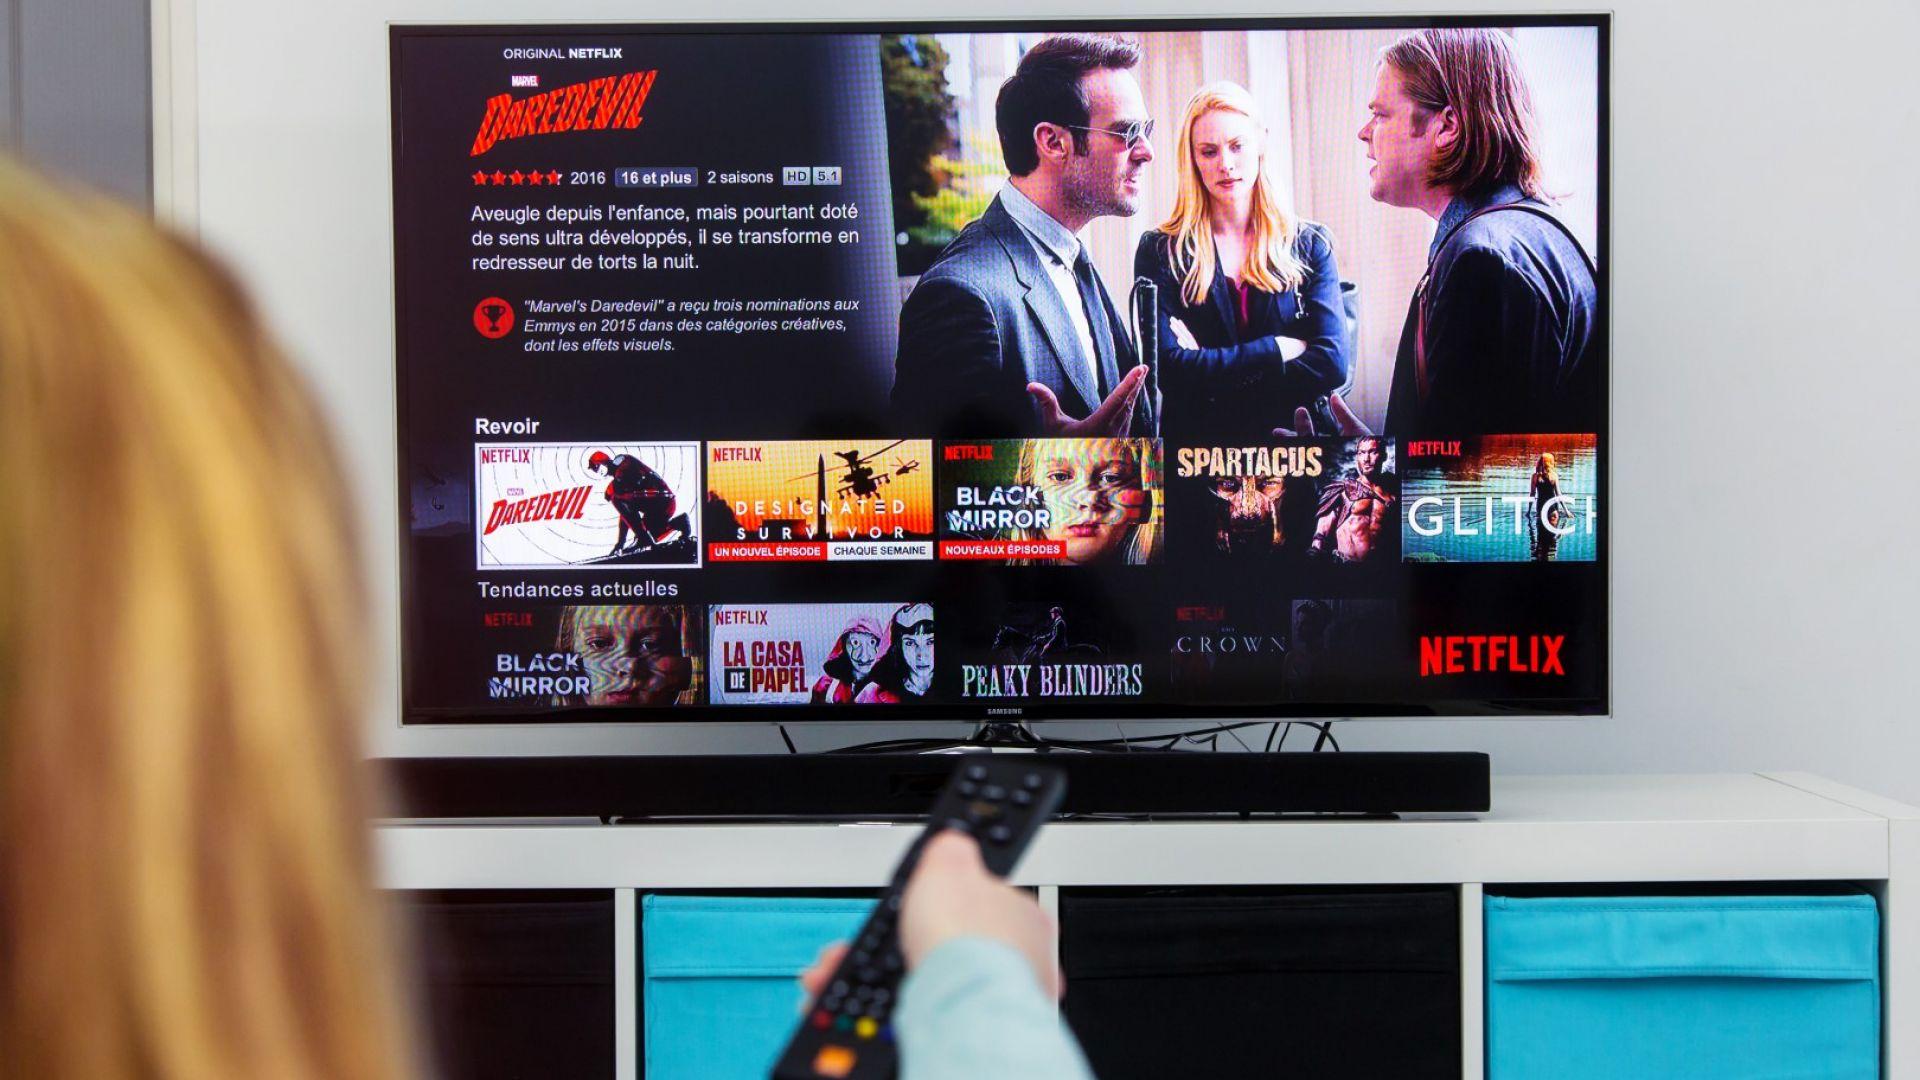 Netflix позволява доста богат избор и е винаги на разположение